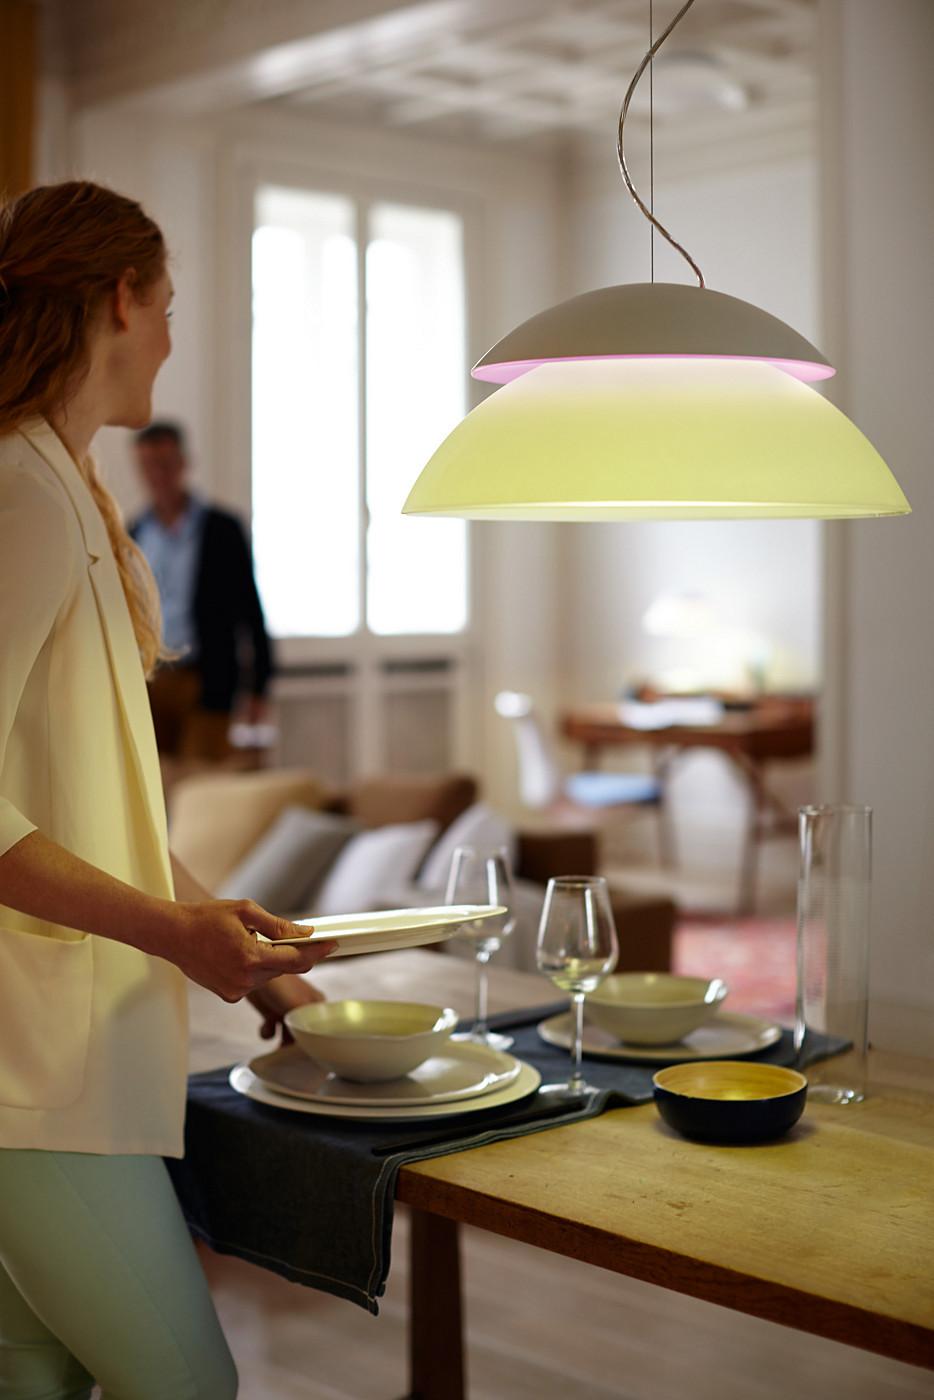 philips hue pendel. Black Bedroom Furniture Sets. Home Design Ideas